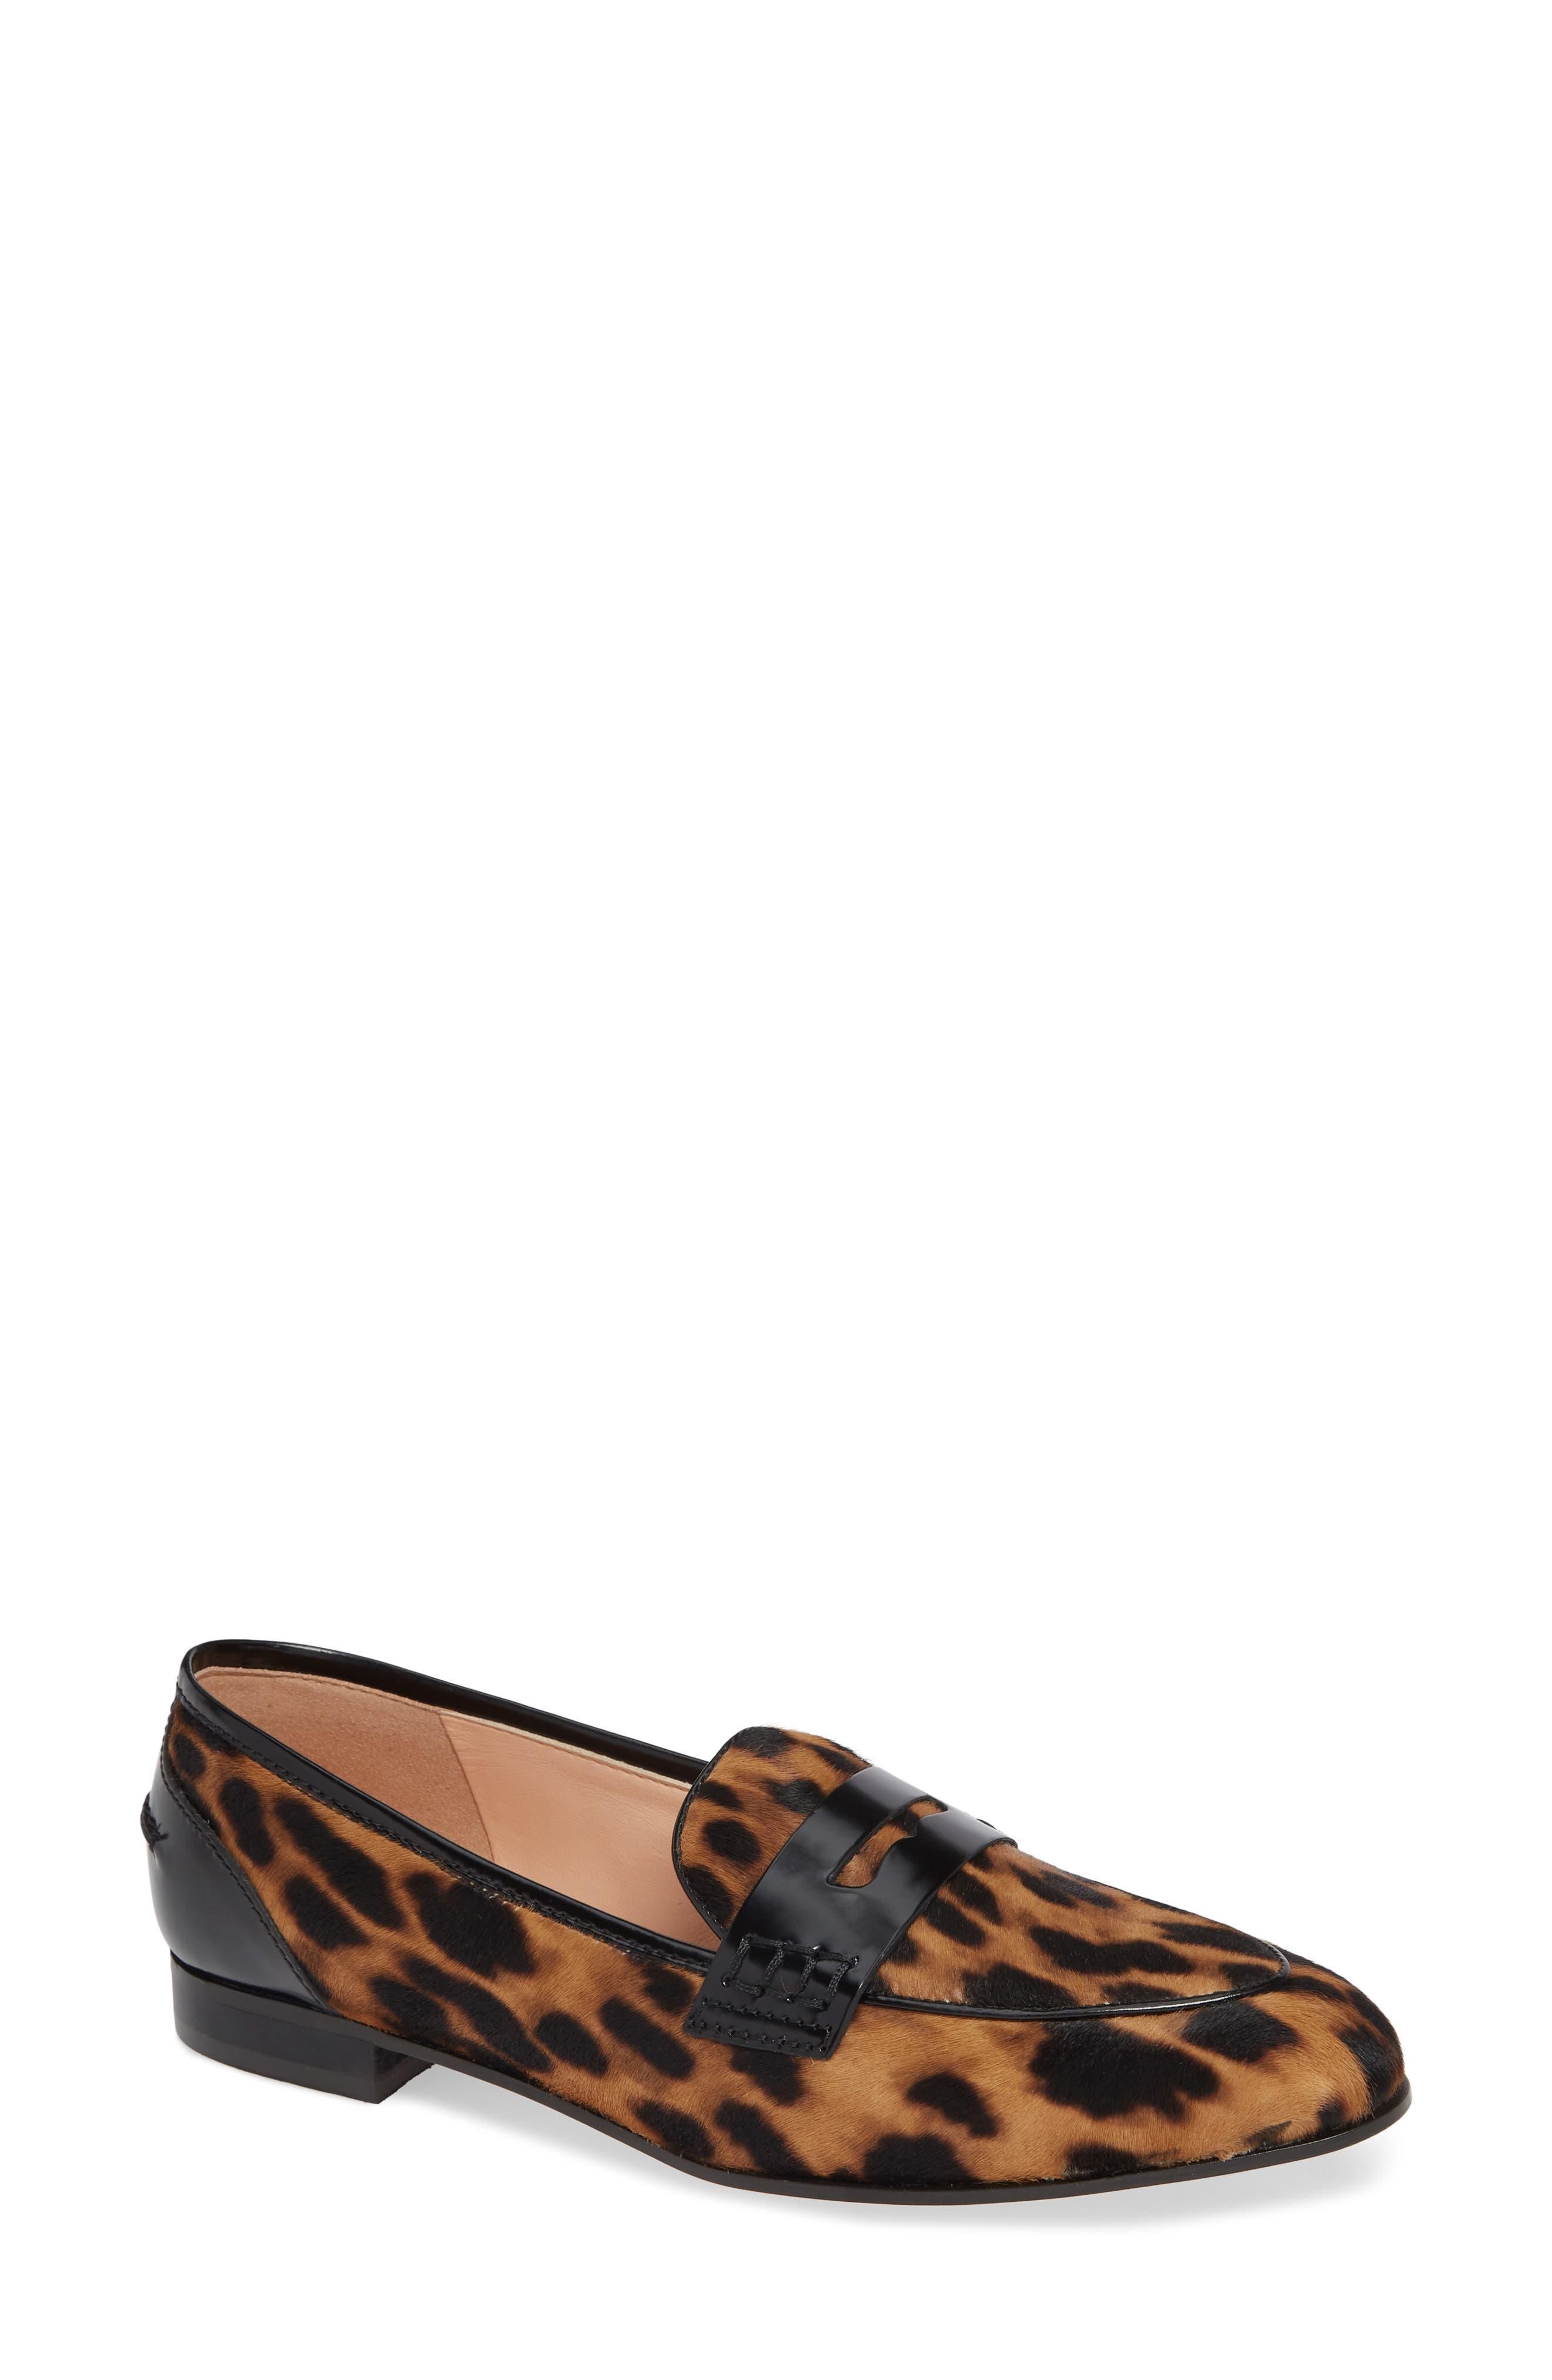 Academy Genuine Calf Hair Penny Loafer,                         Main,                         color, Leopard Calf Hair